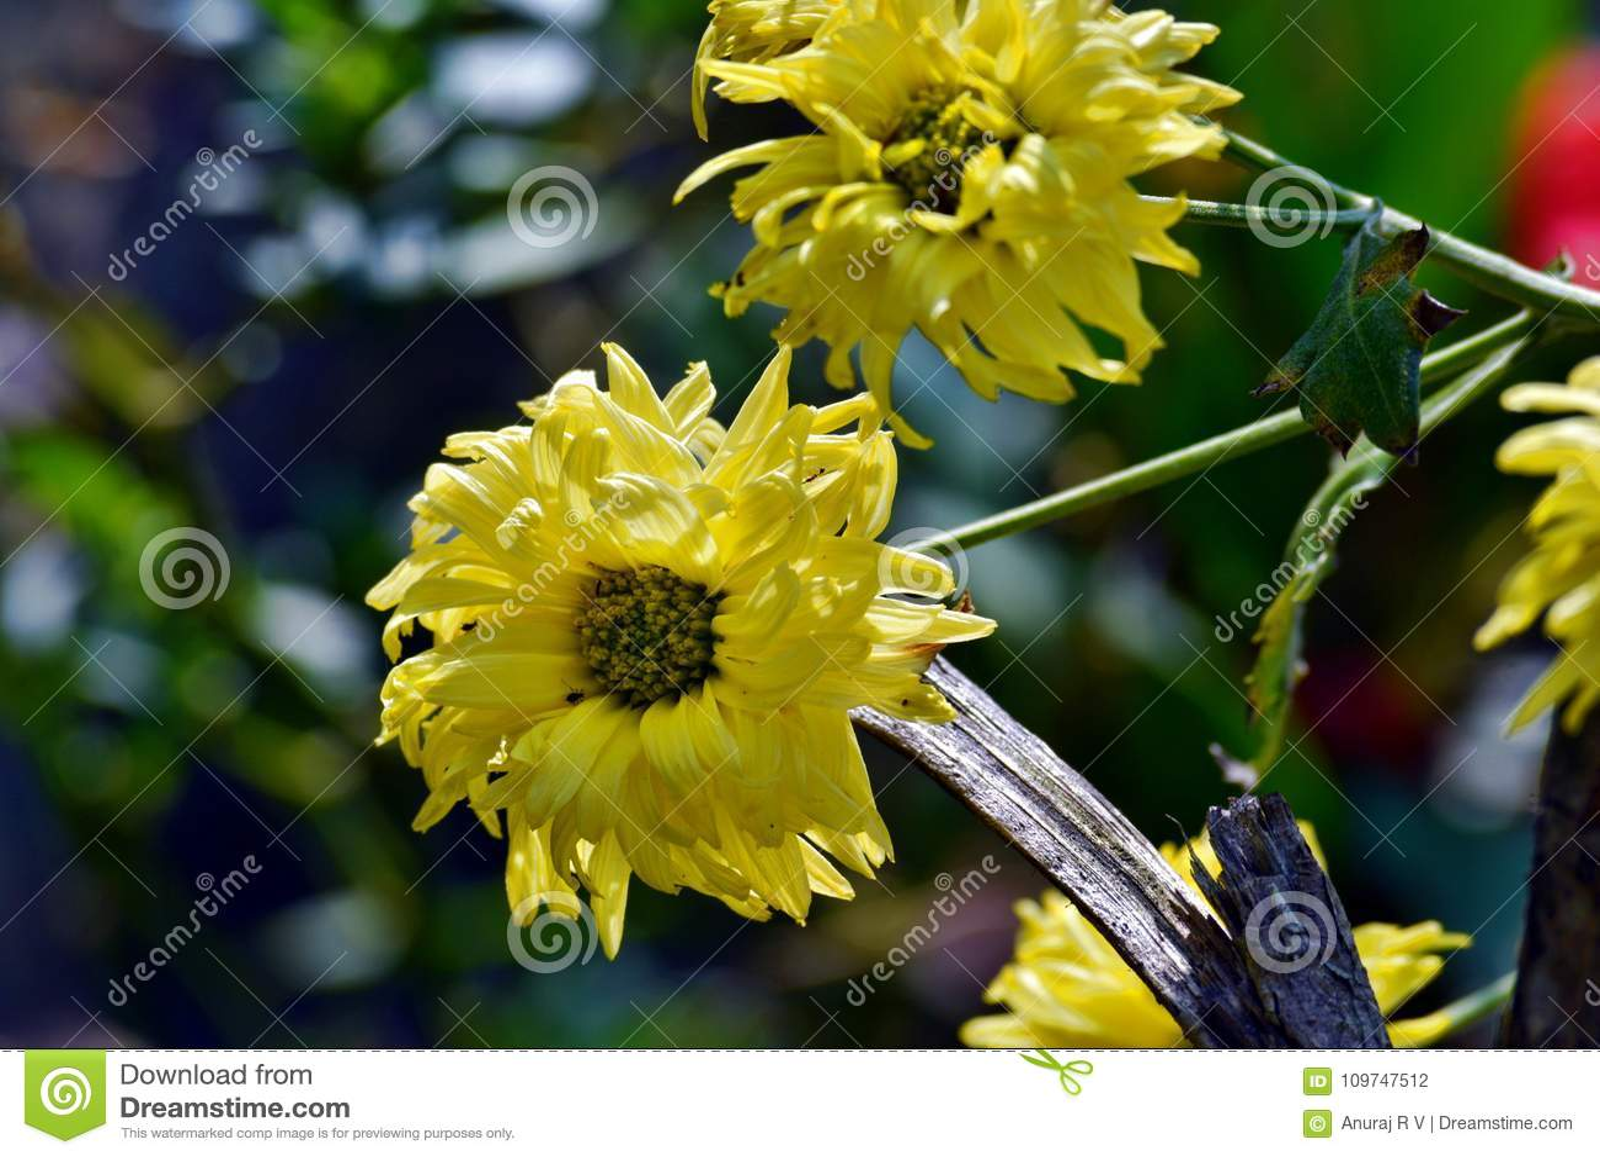 Cute Yellow Chrysanthemum Flowers In The Garden Stock Photo Image